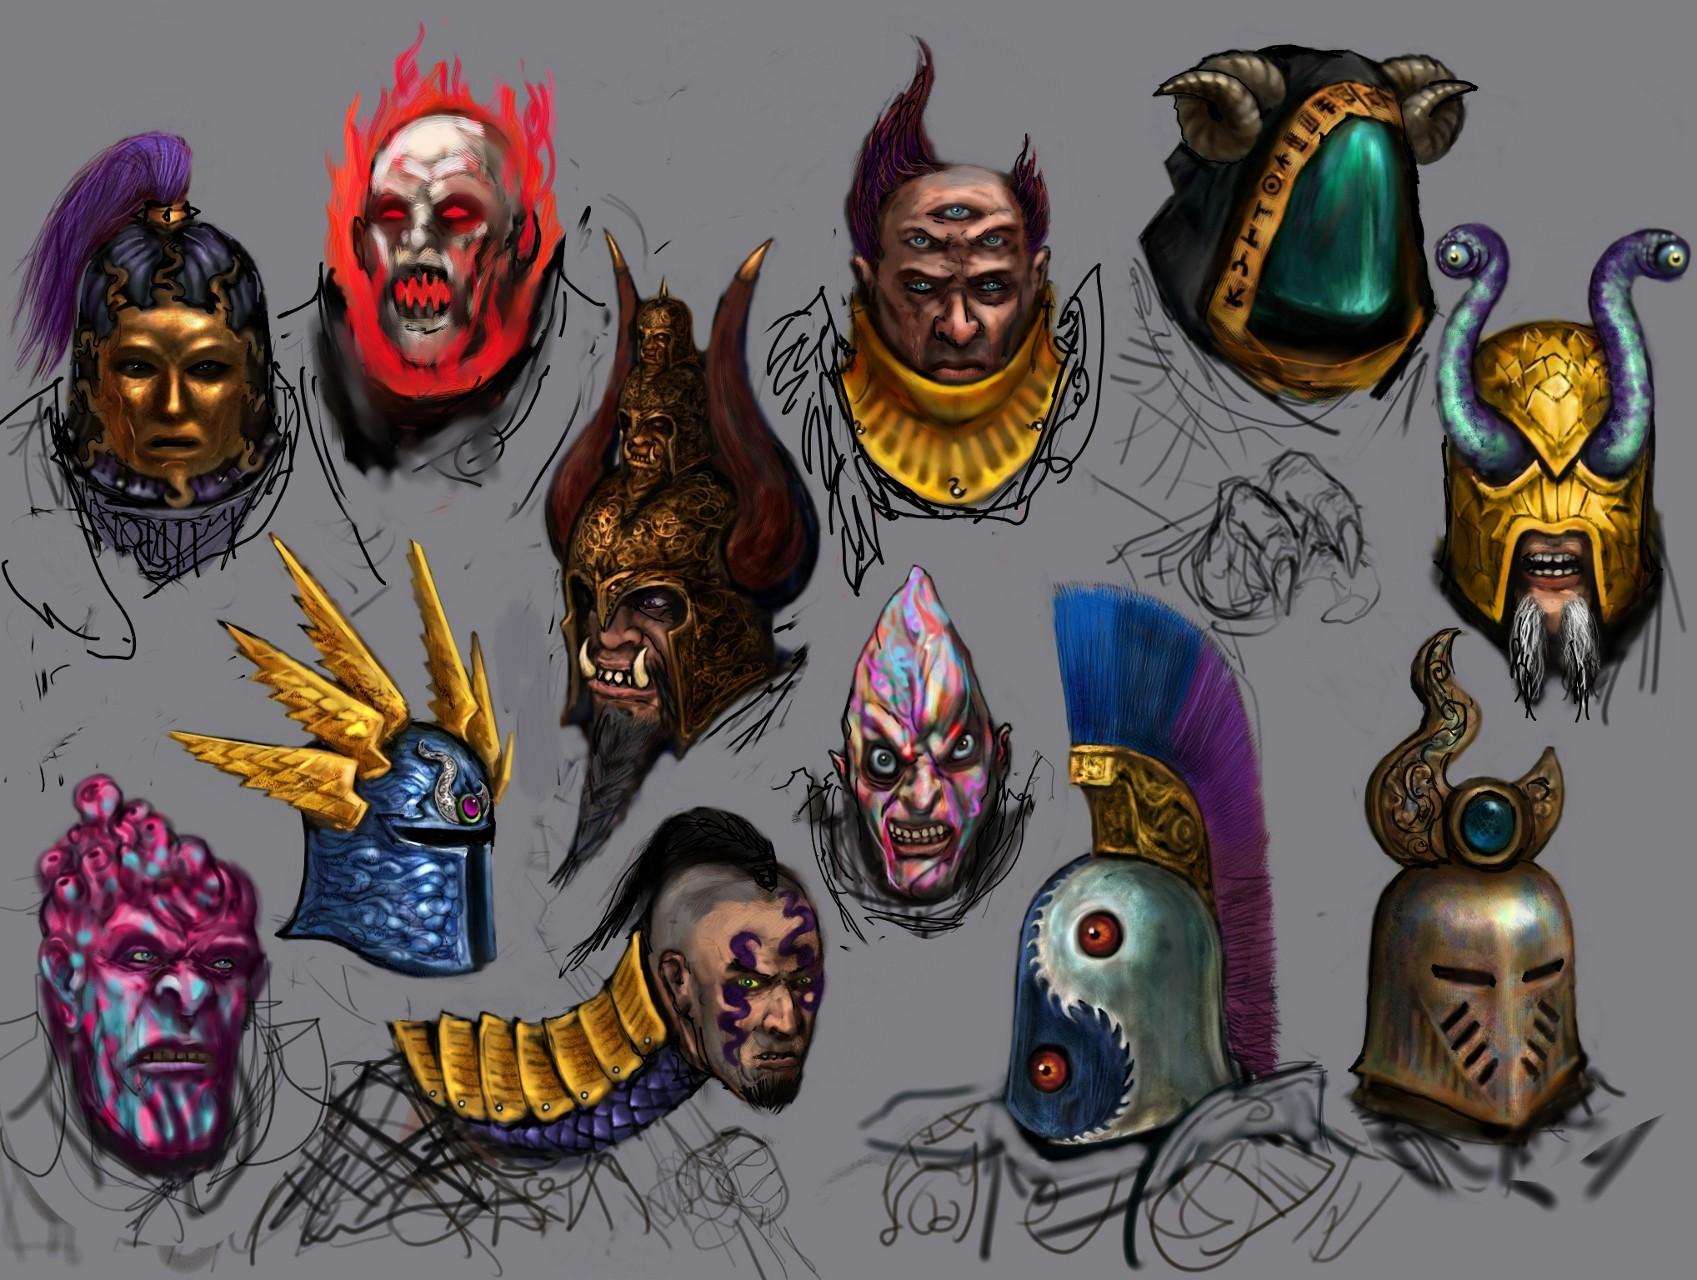 Warriors of Tzeentch